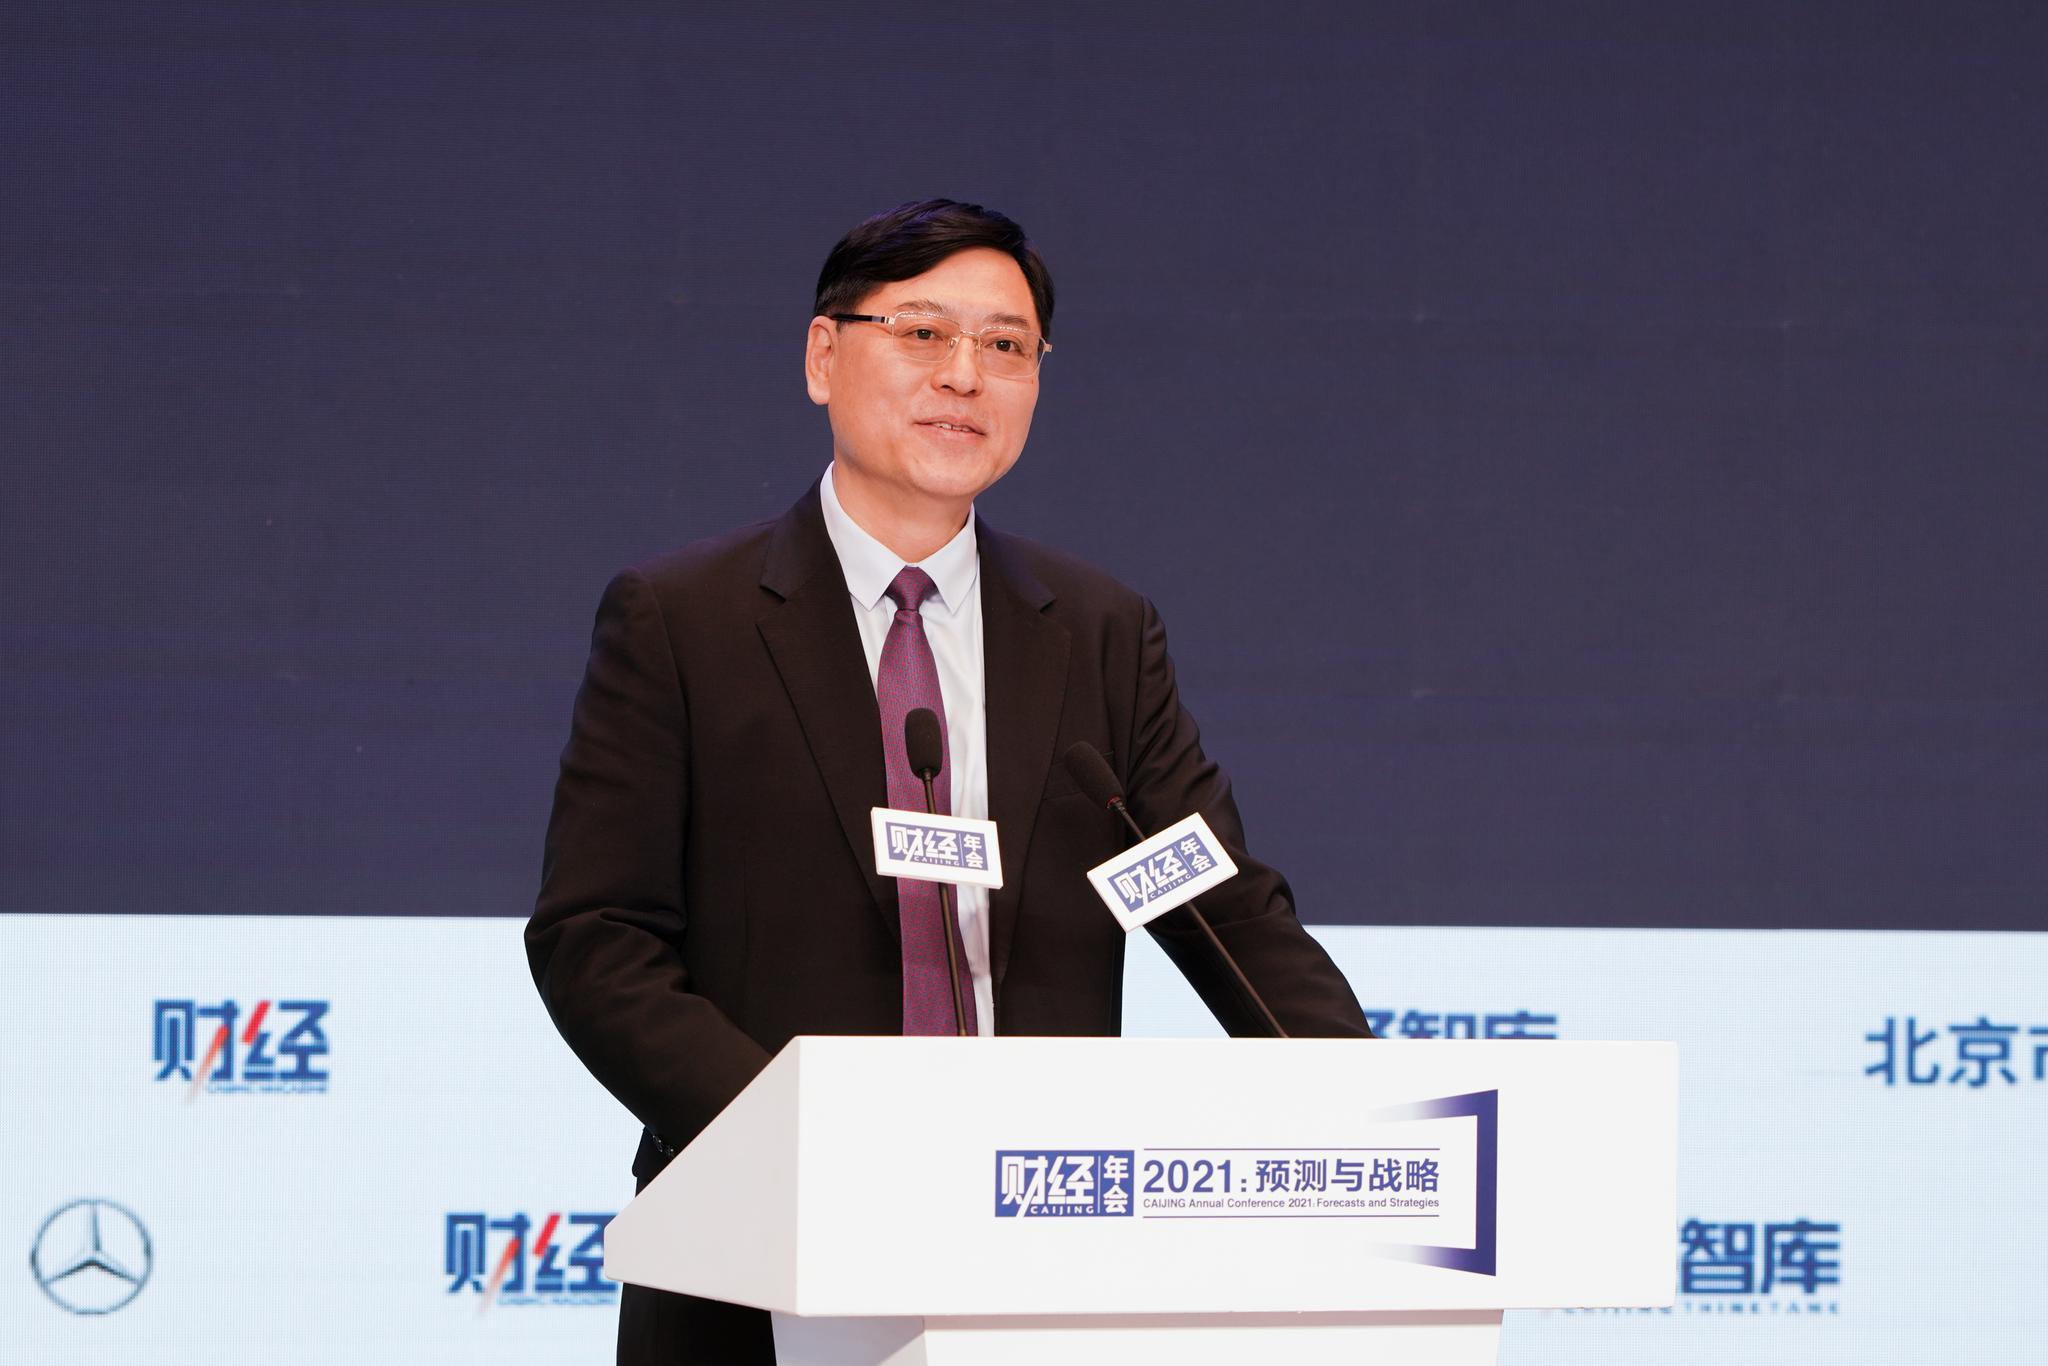 联想集团董事长杨元庆:联想是双循环运营企业的典型代表